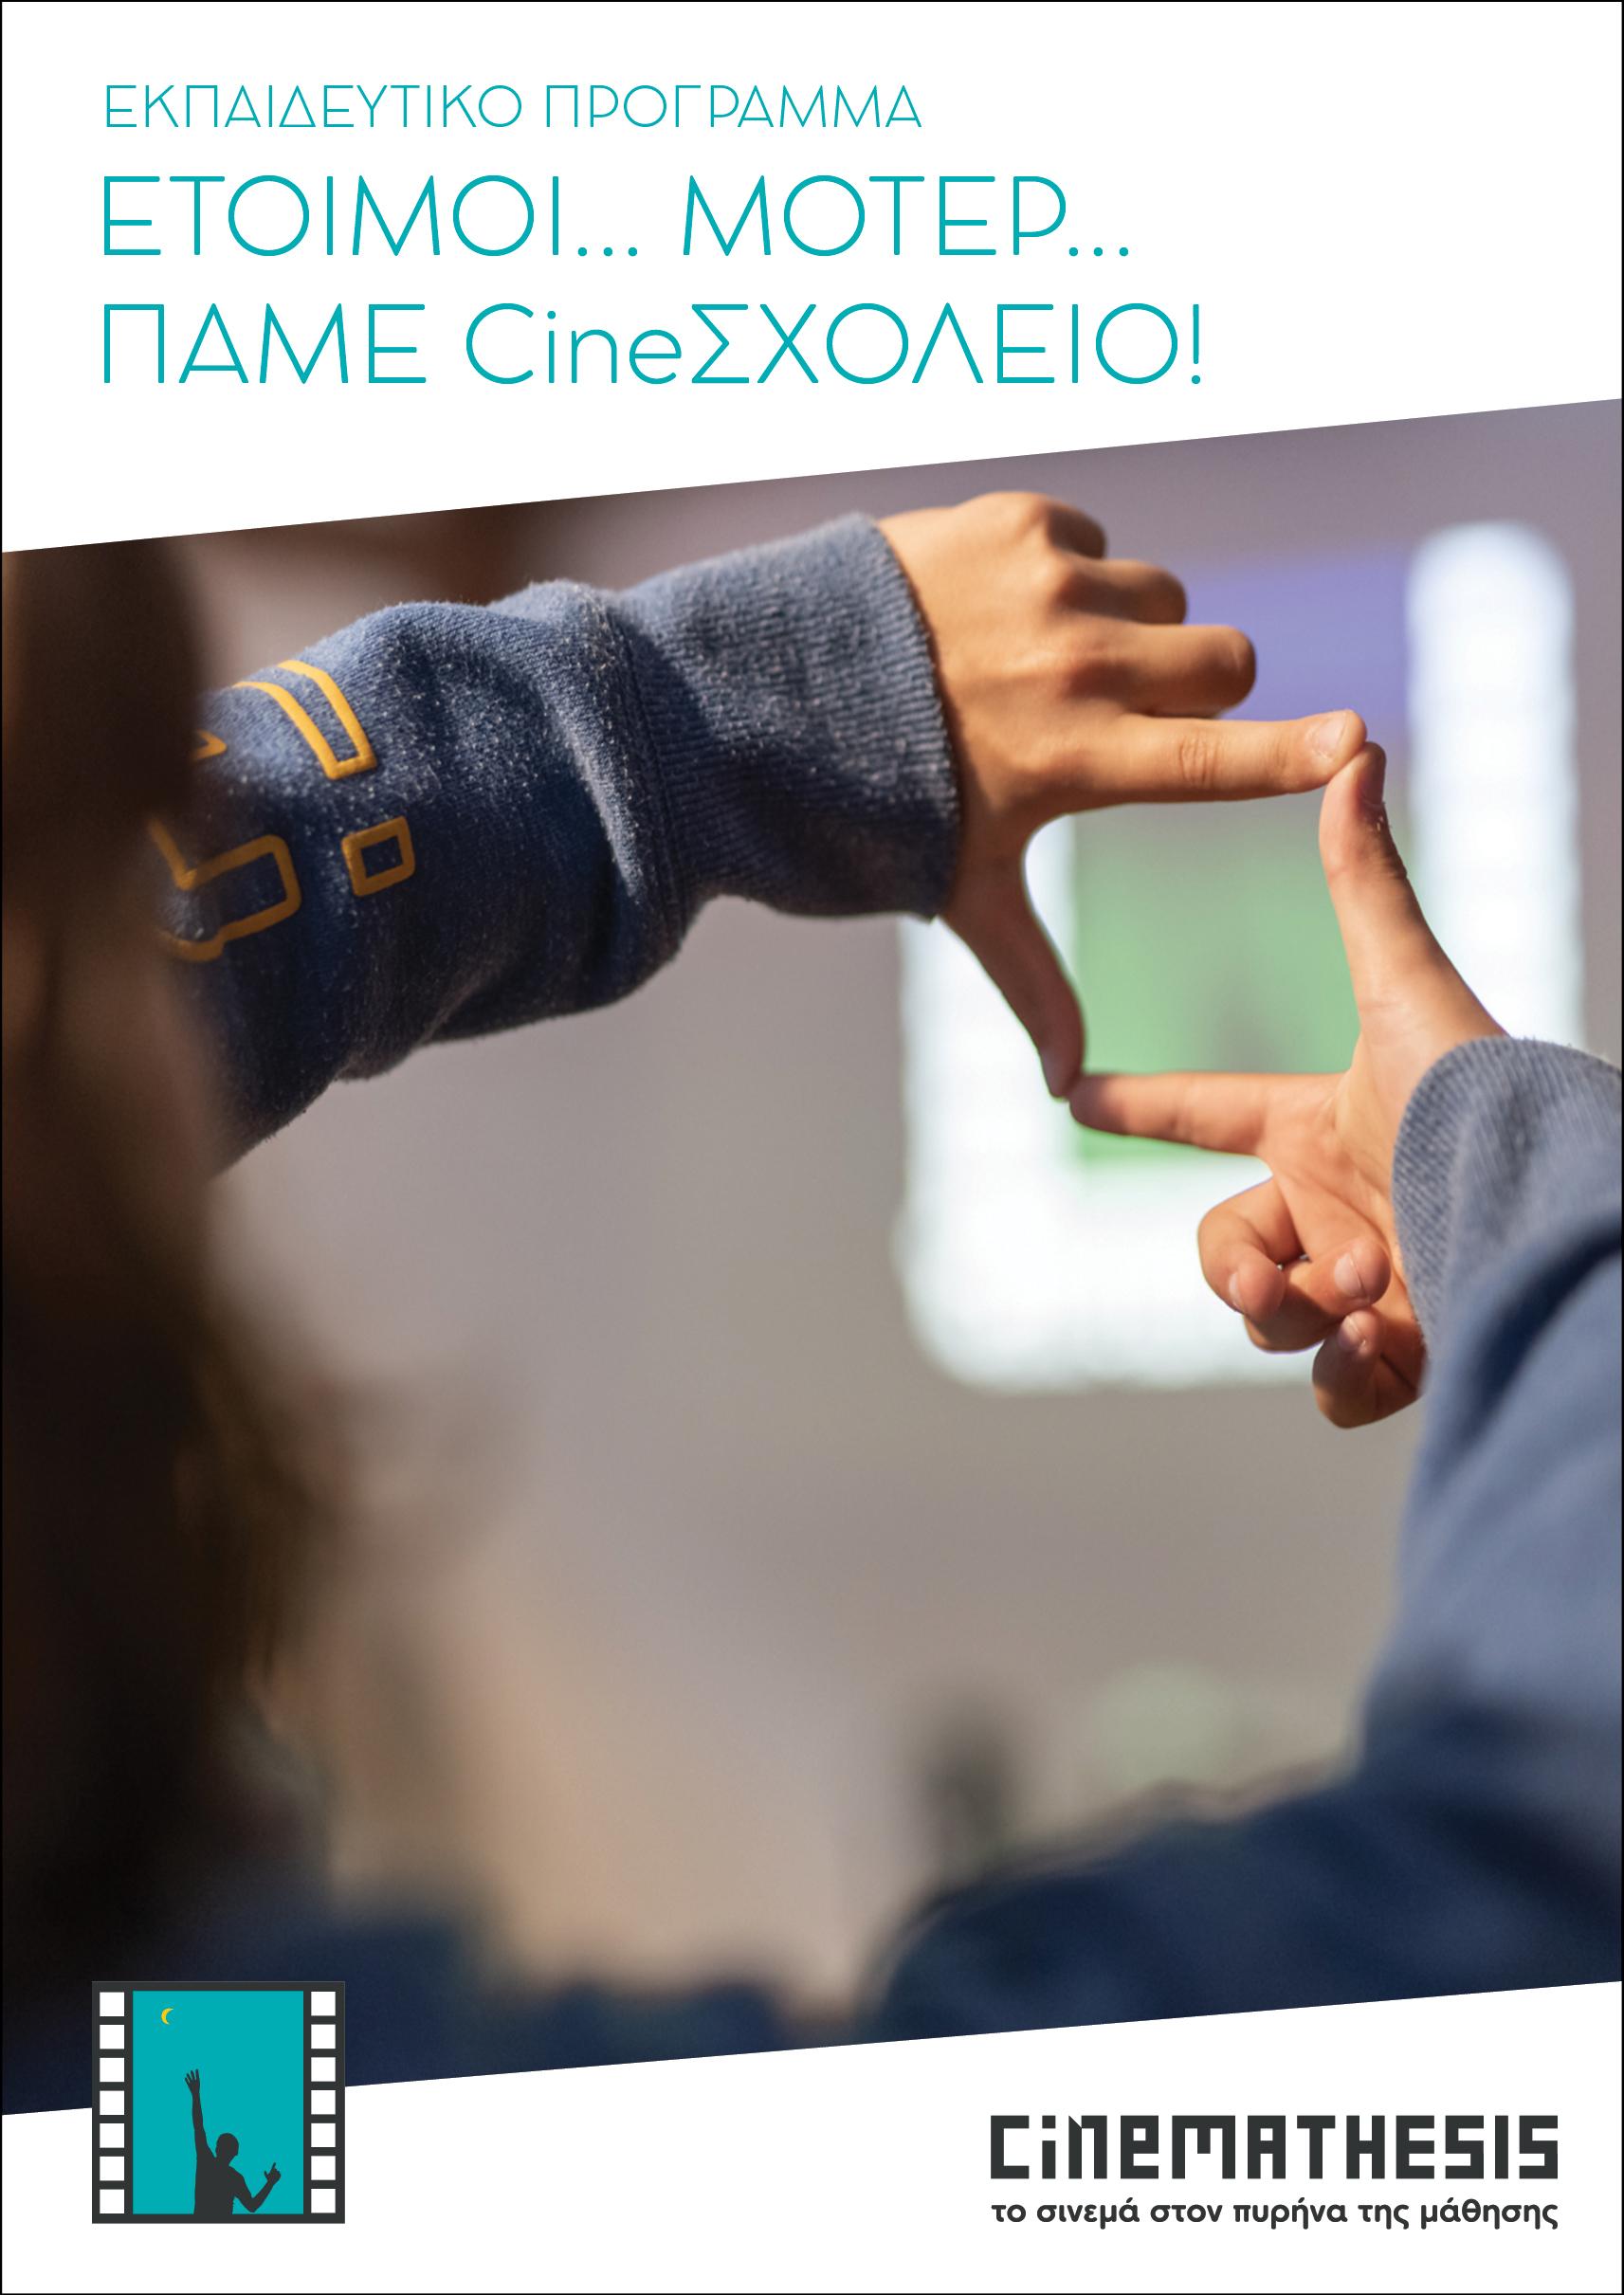 ΕΤΟΙΜΟΙ… ΜΟΤΕΡ… ΠΑΜΕ CineΣΧΟΛΕΙΟ! - Εκπαιδευτικό πρόγραμμα που υλοποιείται σε σχολεία πρωτοβάθμιας εκπαίδευσης.Σχολική περίοδος 2019-20Περισσότερες πληροφορίες εδώ.